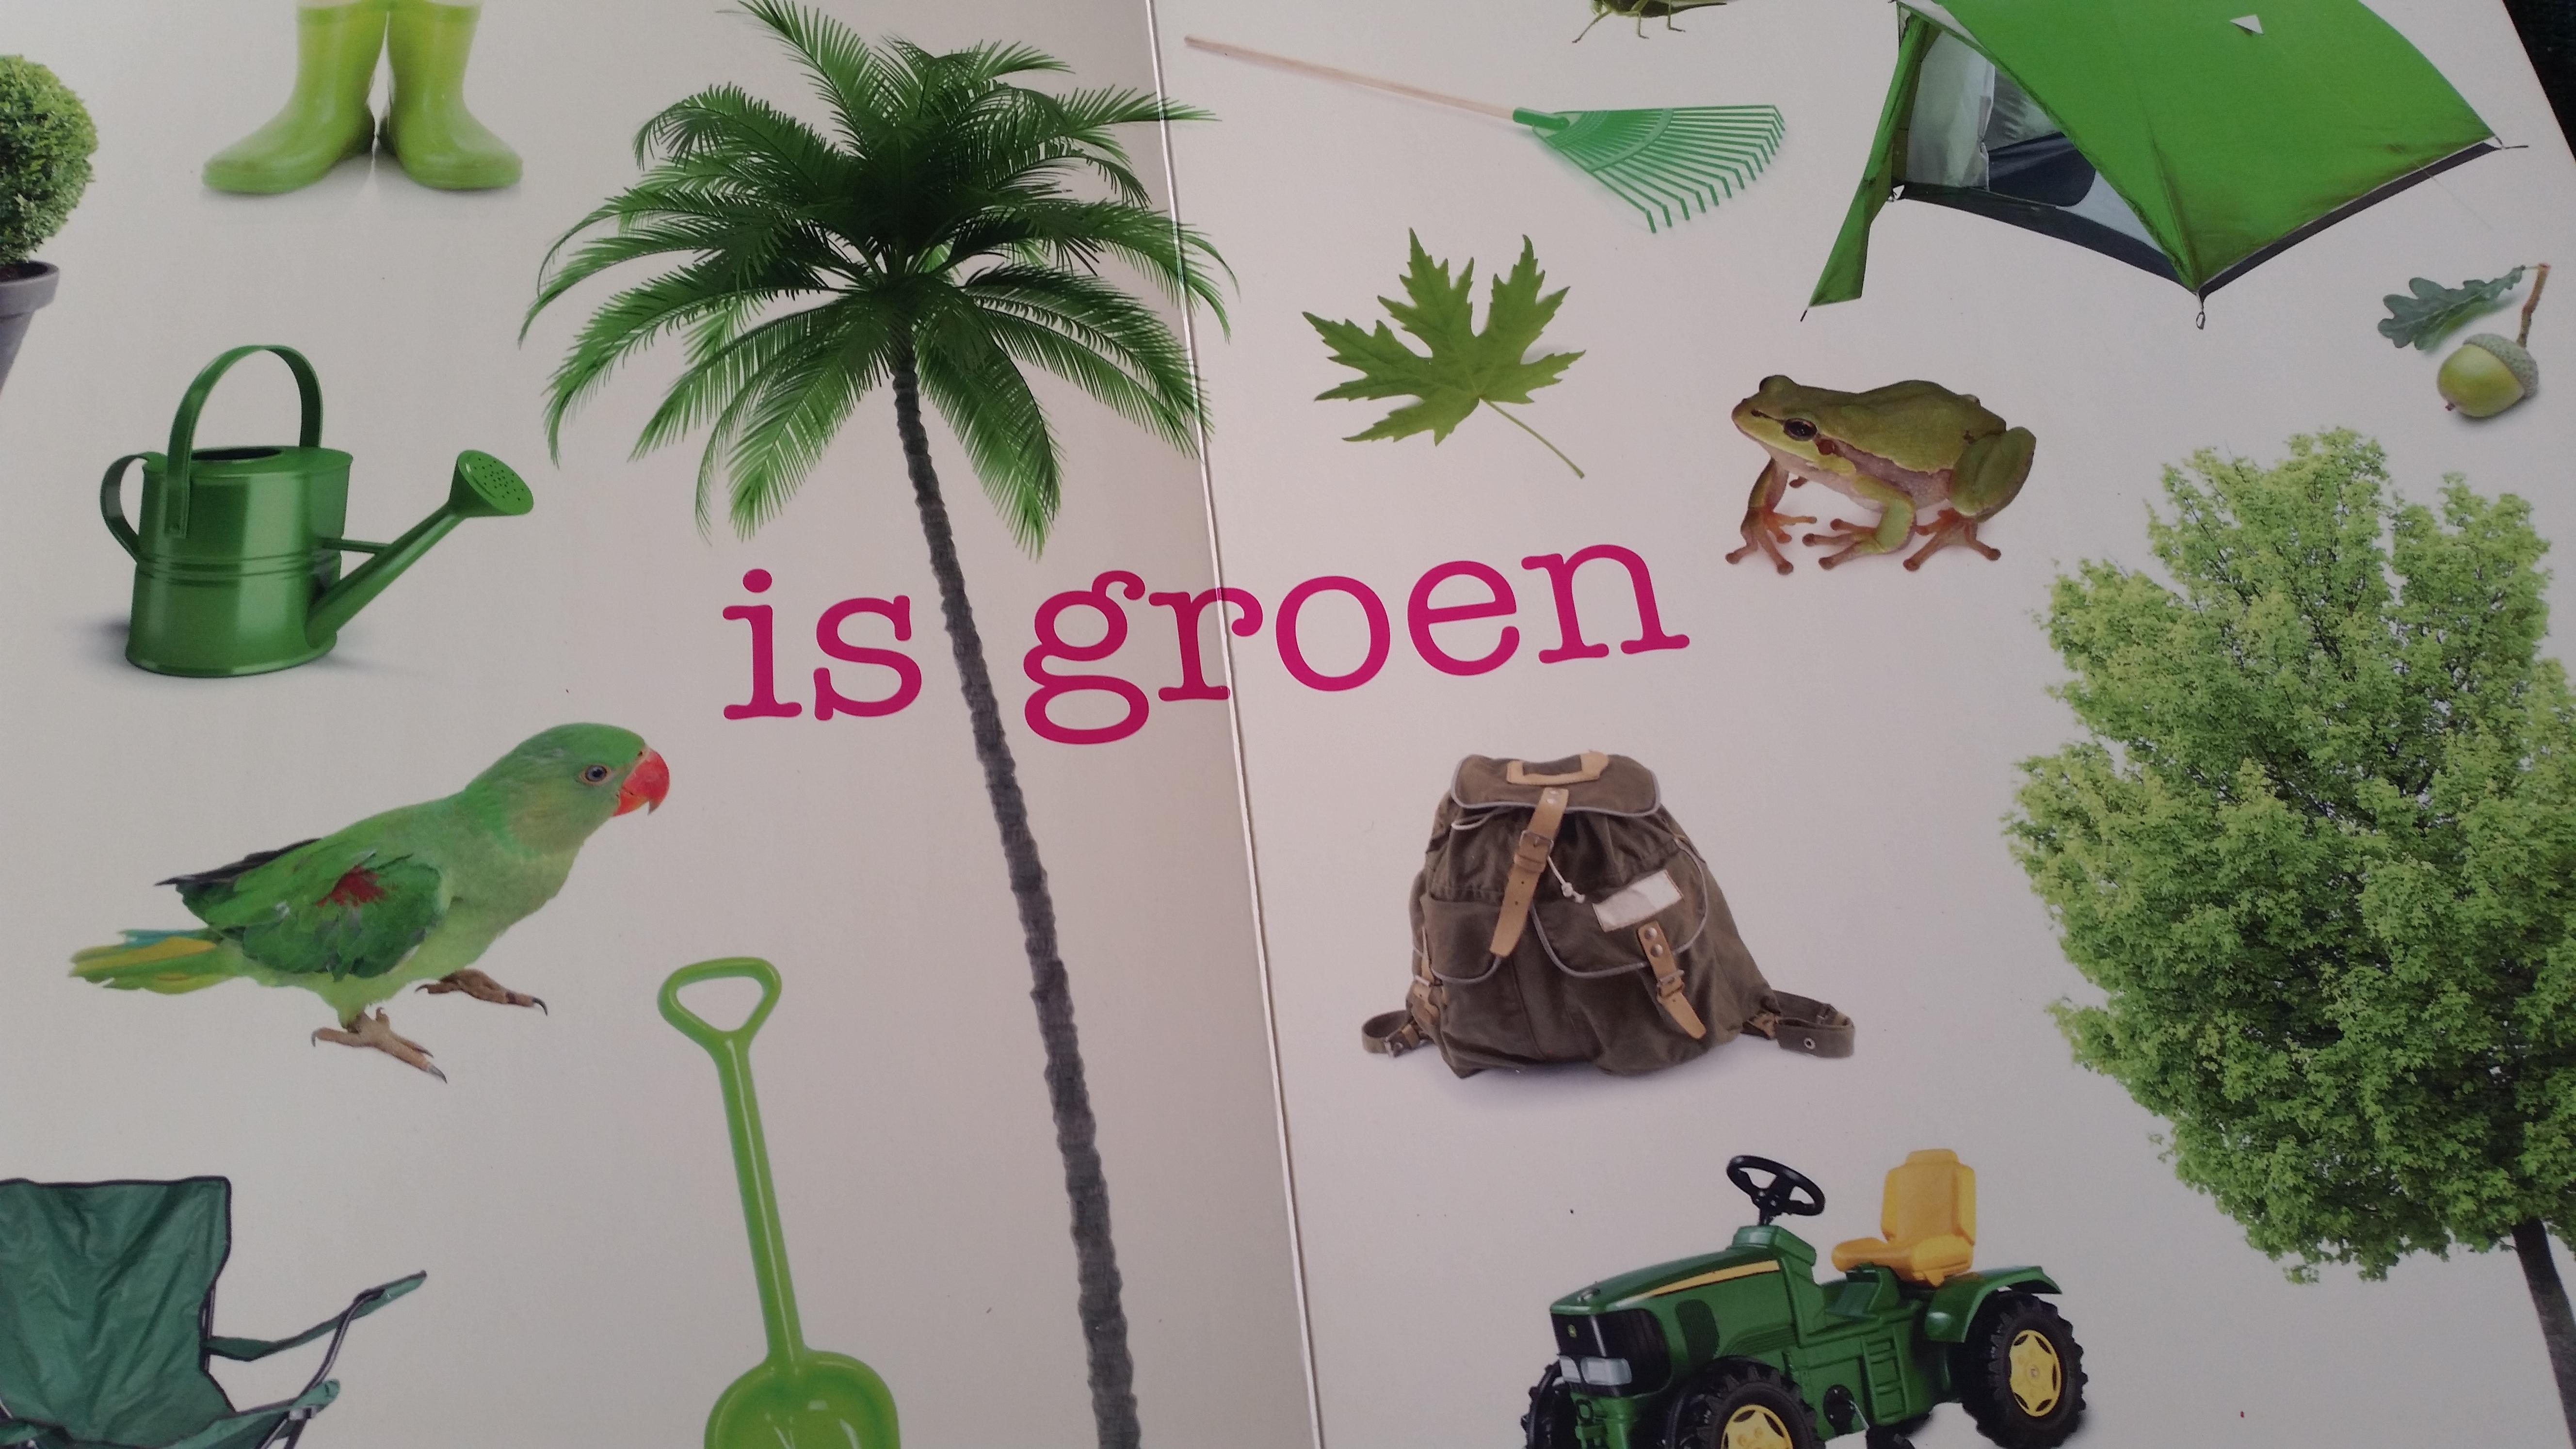 5-15-boek-dik-karton-aanwijsboek-aanwijzen-dingen-1-jaar-2-3-4-die-daar-leuk-nanny-moeder-amsterdam-verjaardag-groen